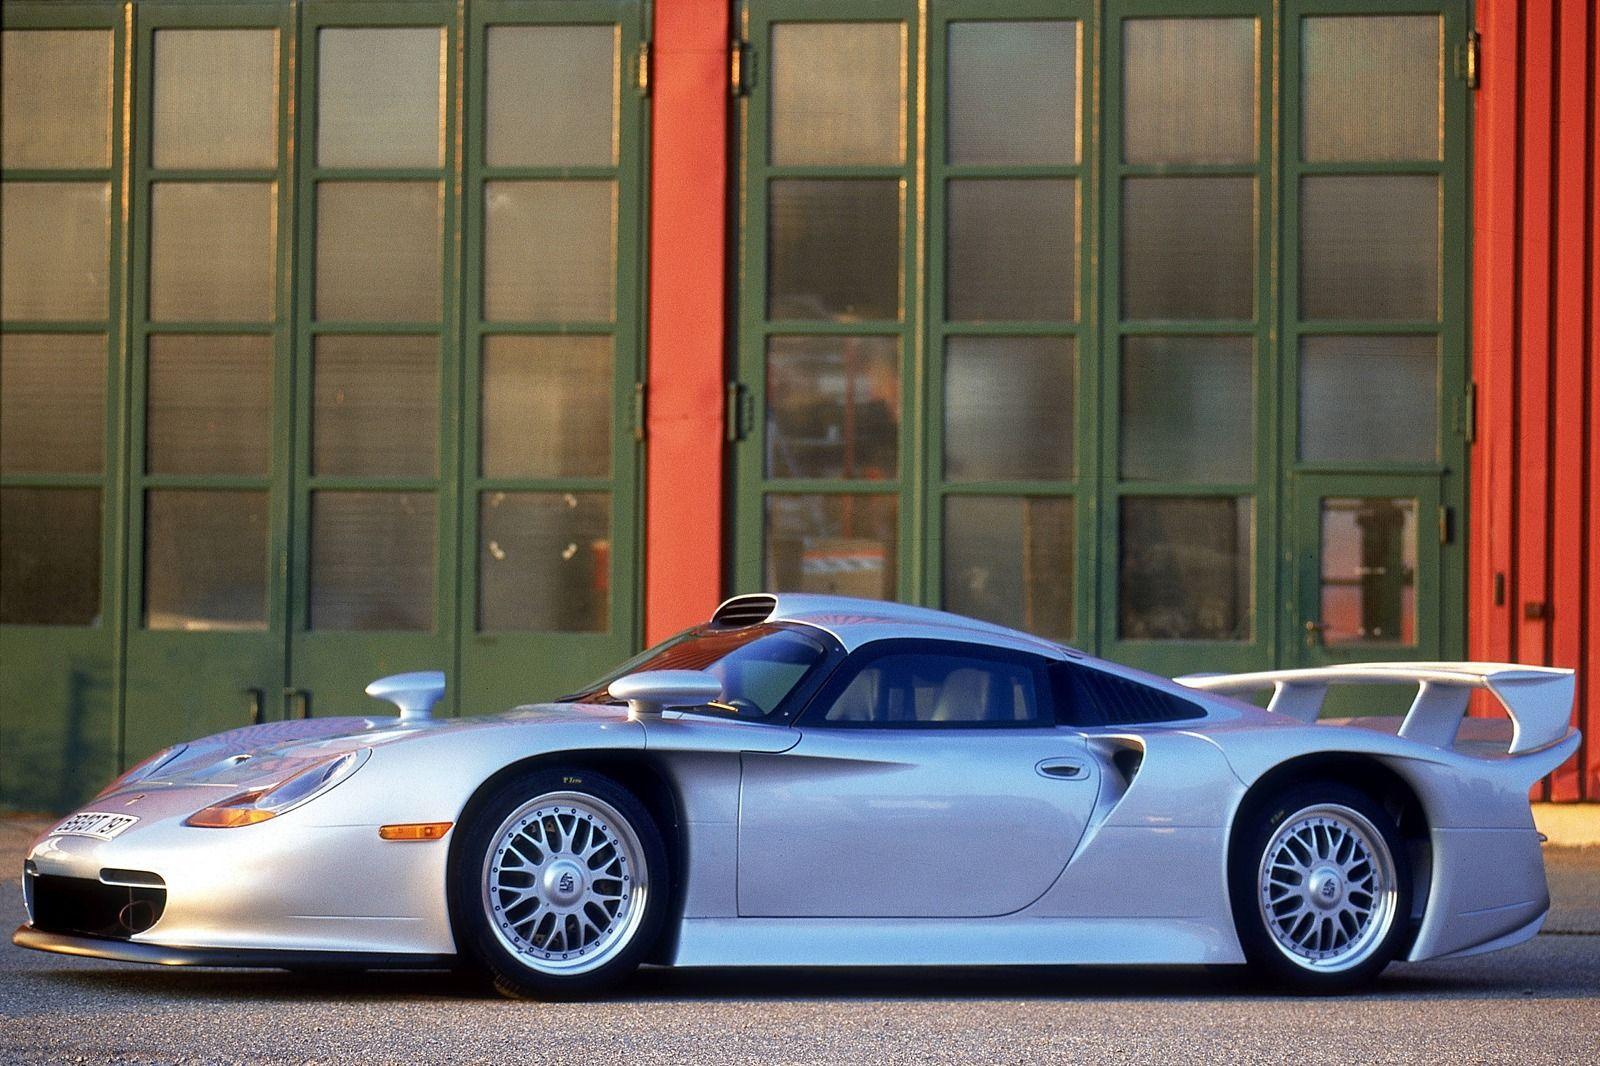 Porsche 1996 Gt1 1600 1066 Dream Cars Porsche Car Photos